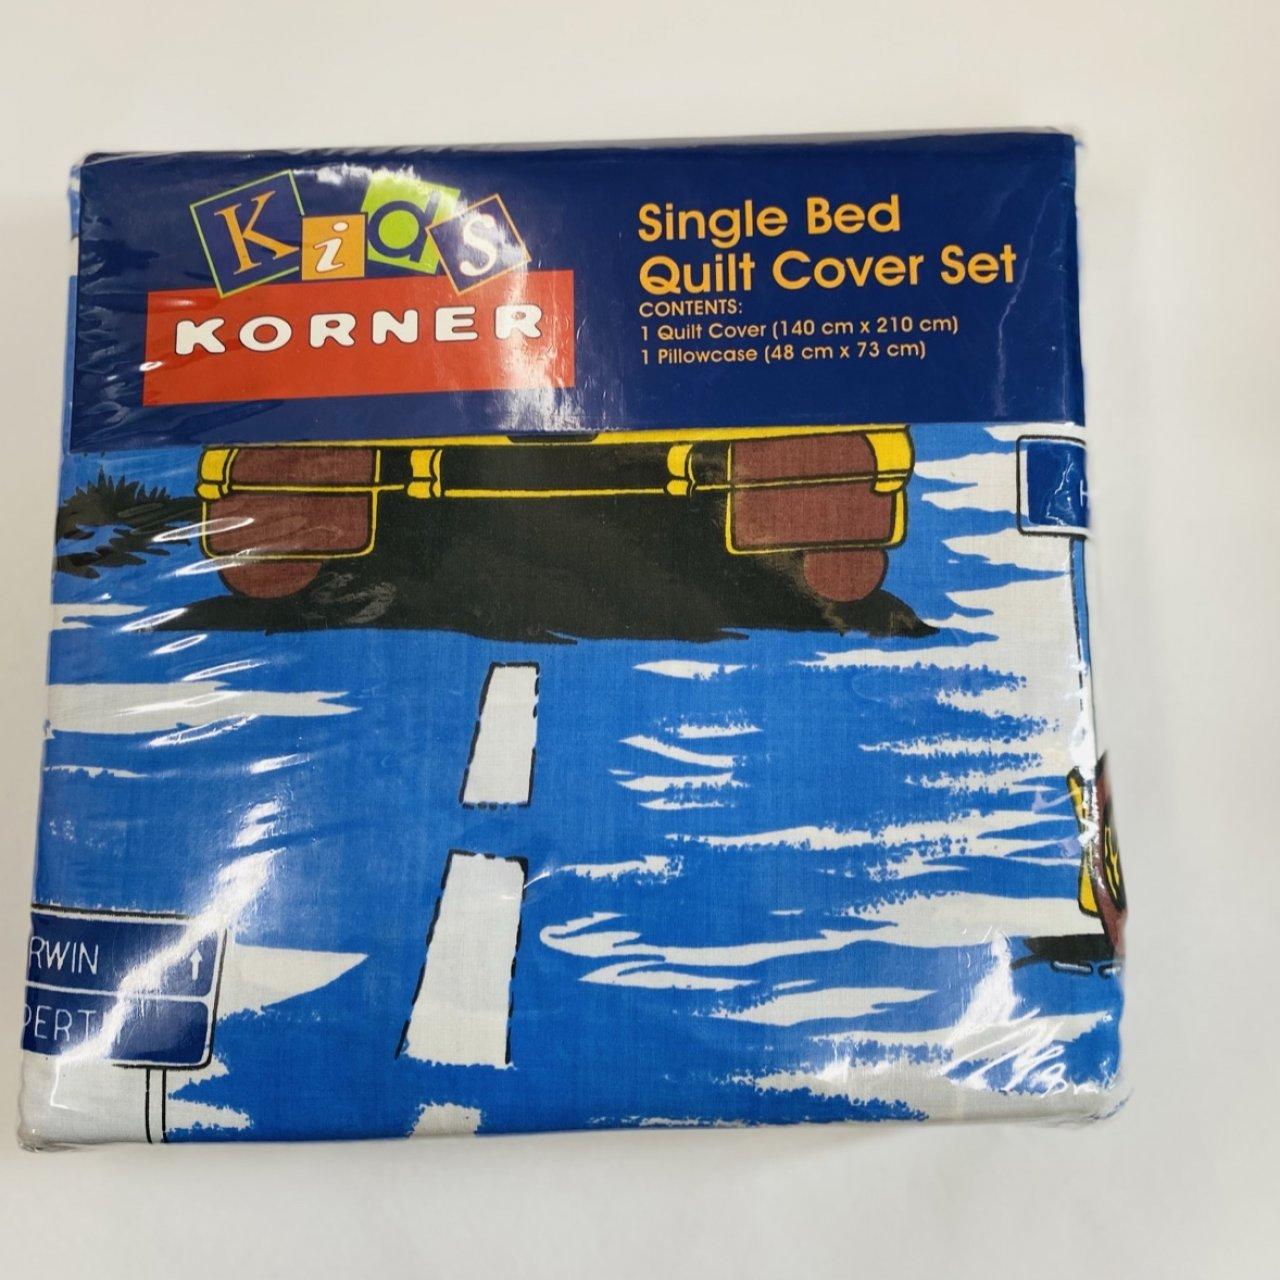 **REDUCED LAST CHANCE ** -  Kids Korner Single Bed Quilt Cover Set - Original Packet